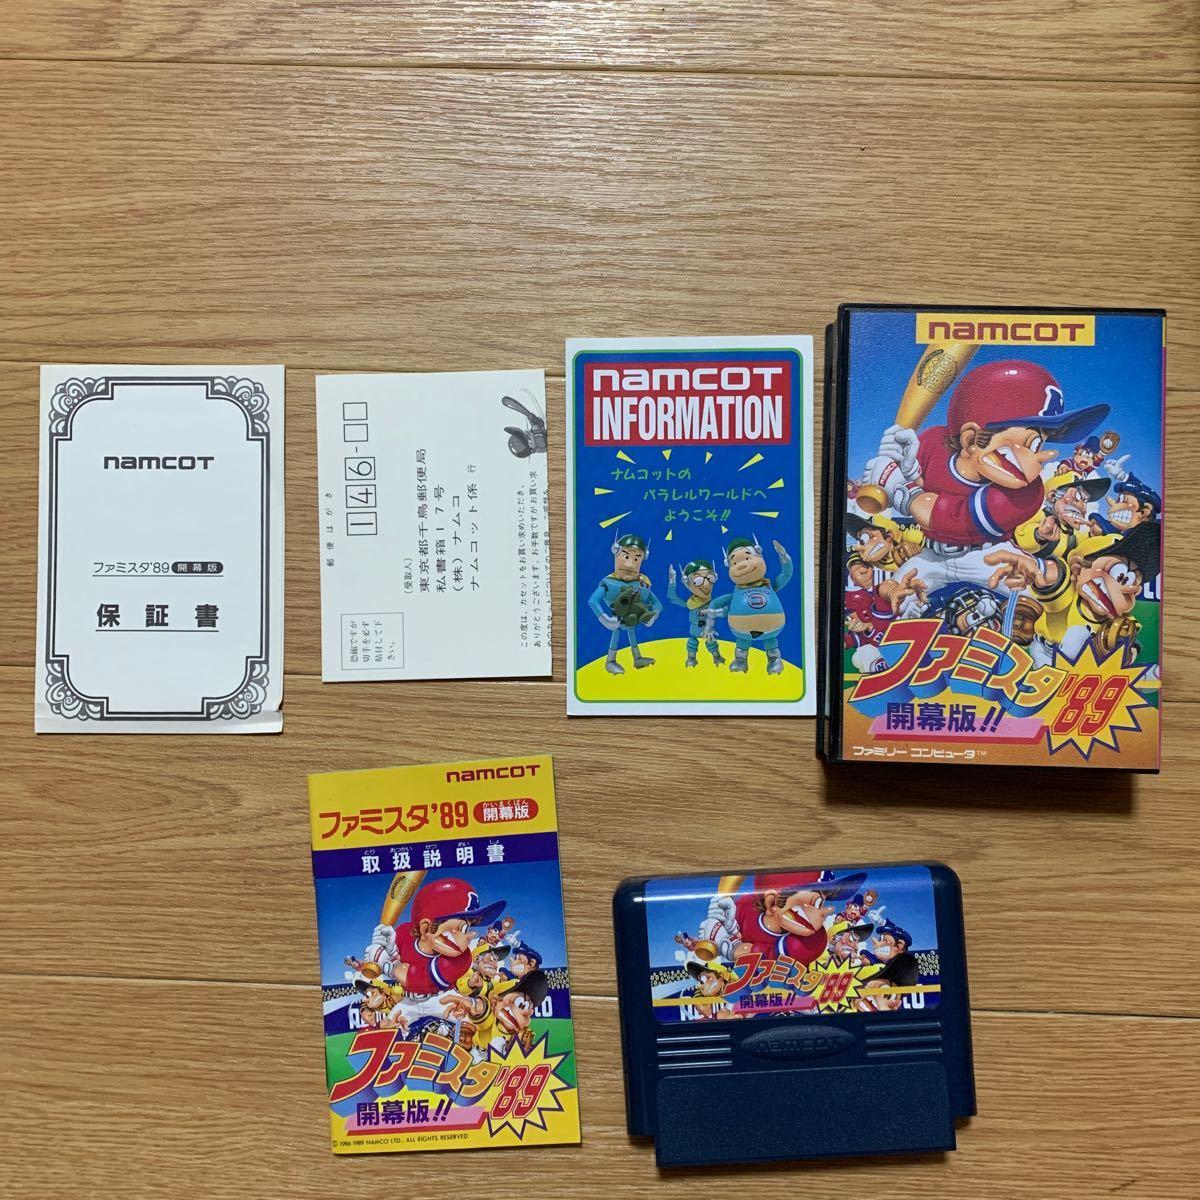 ファミスタ'89  開幕版!!ファミコンソフト スーパーファミコン